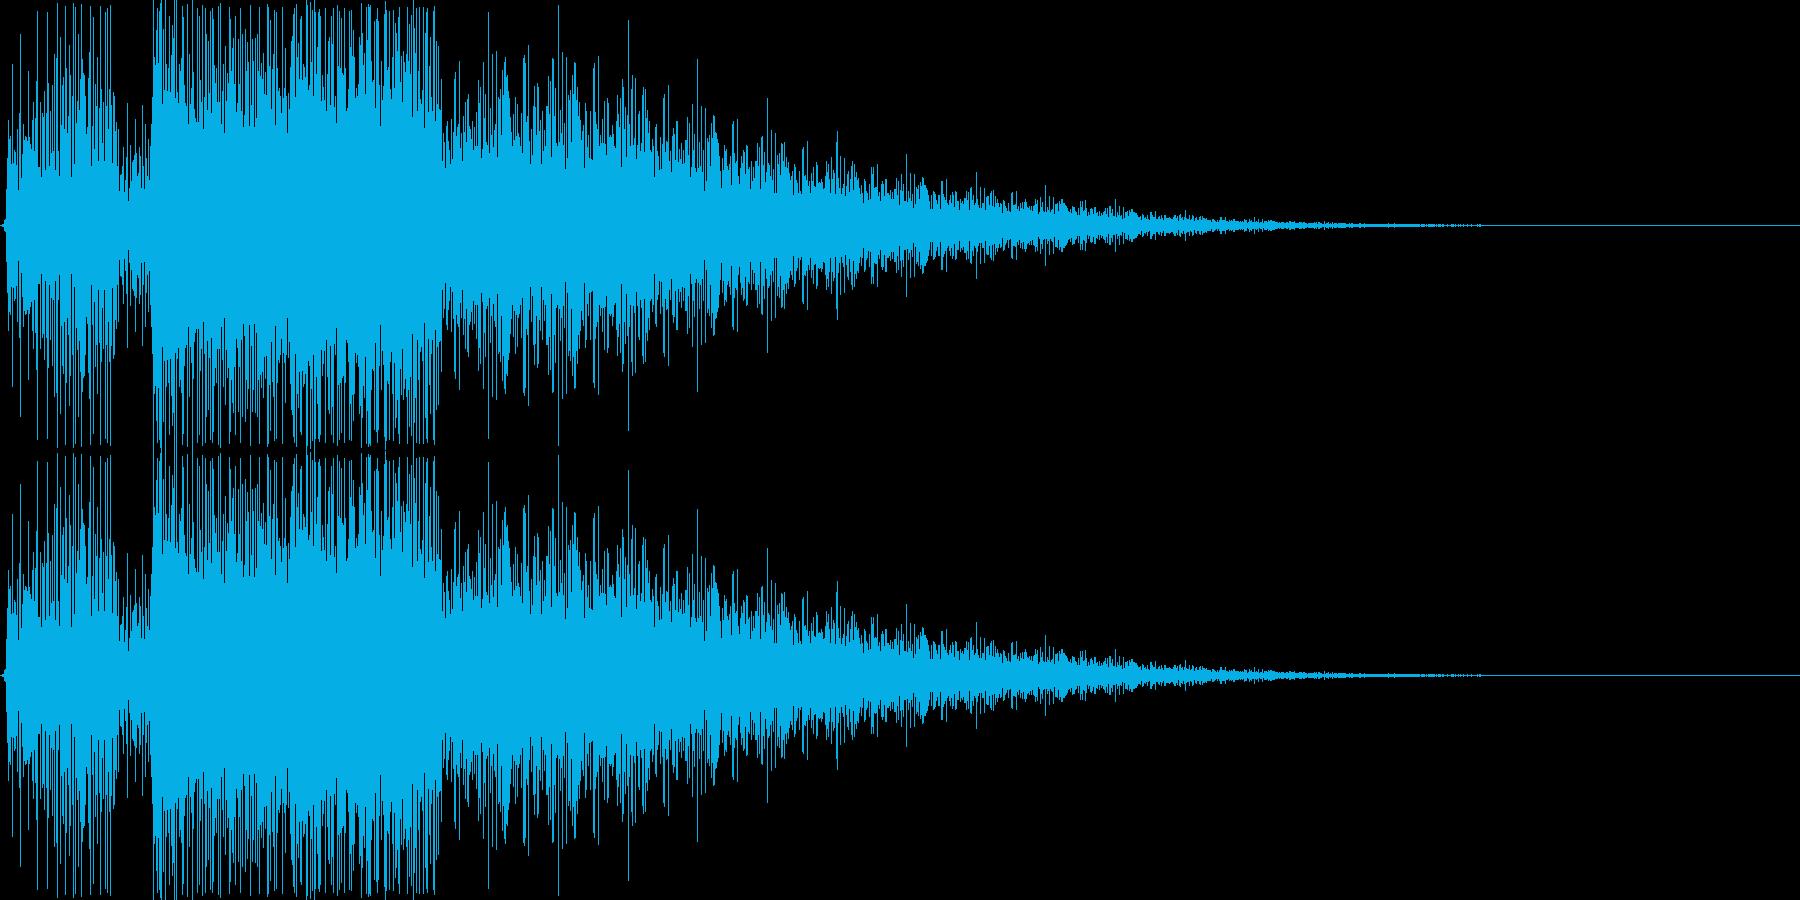 カウントダウン終了音の再生済みの波形